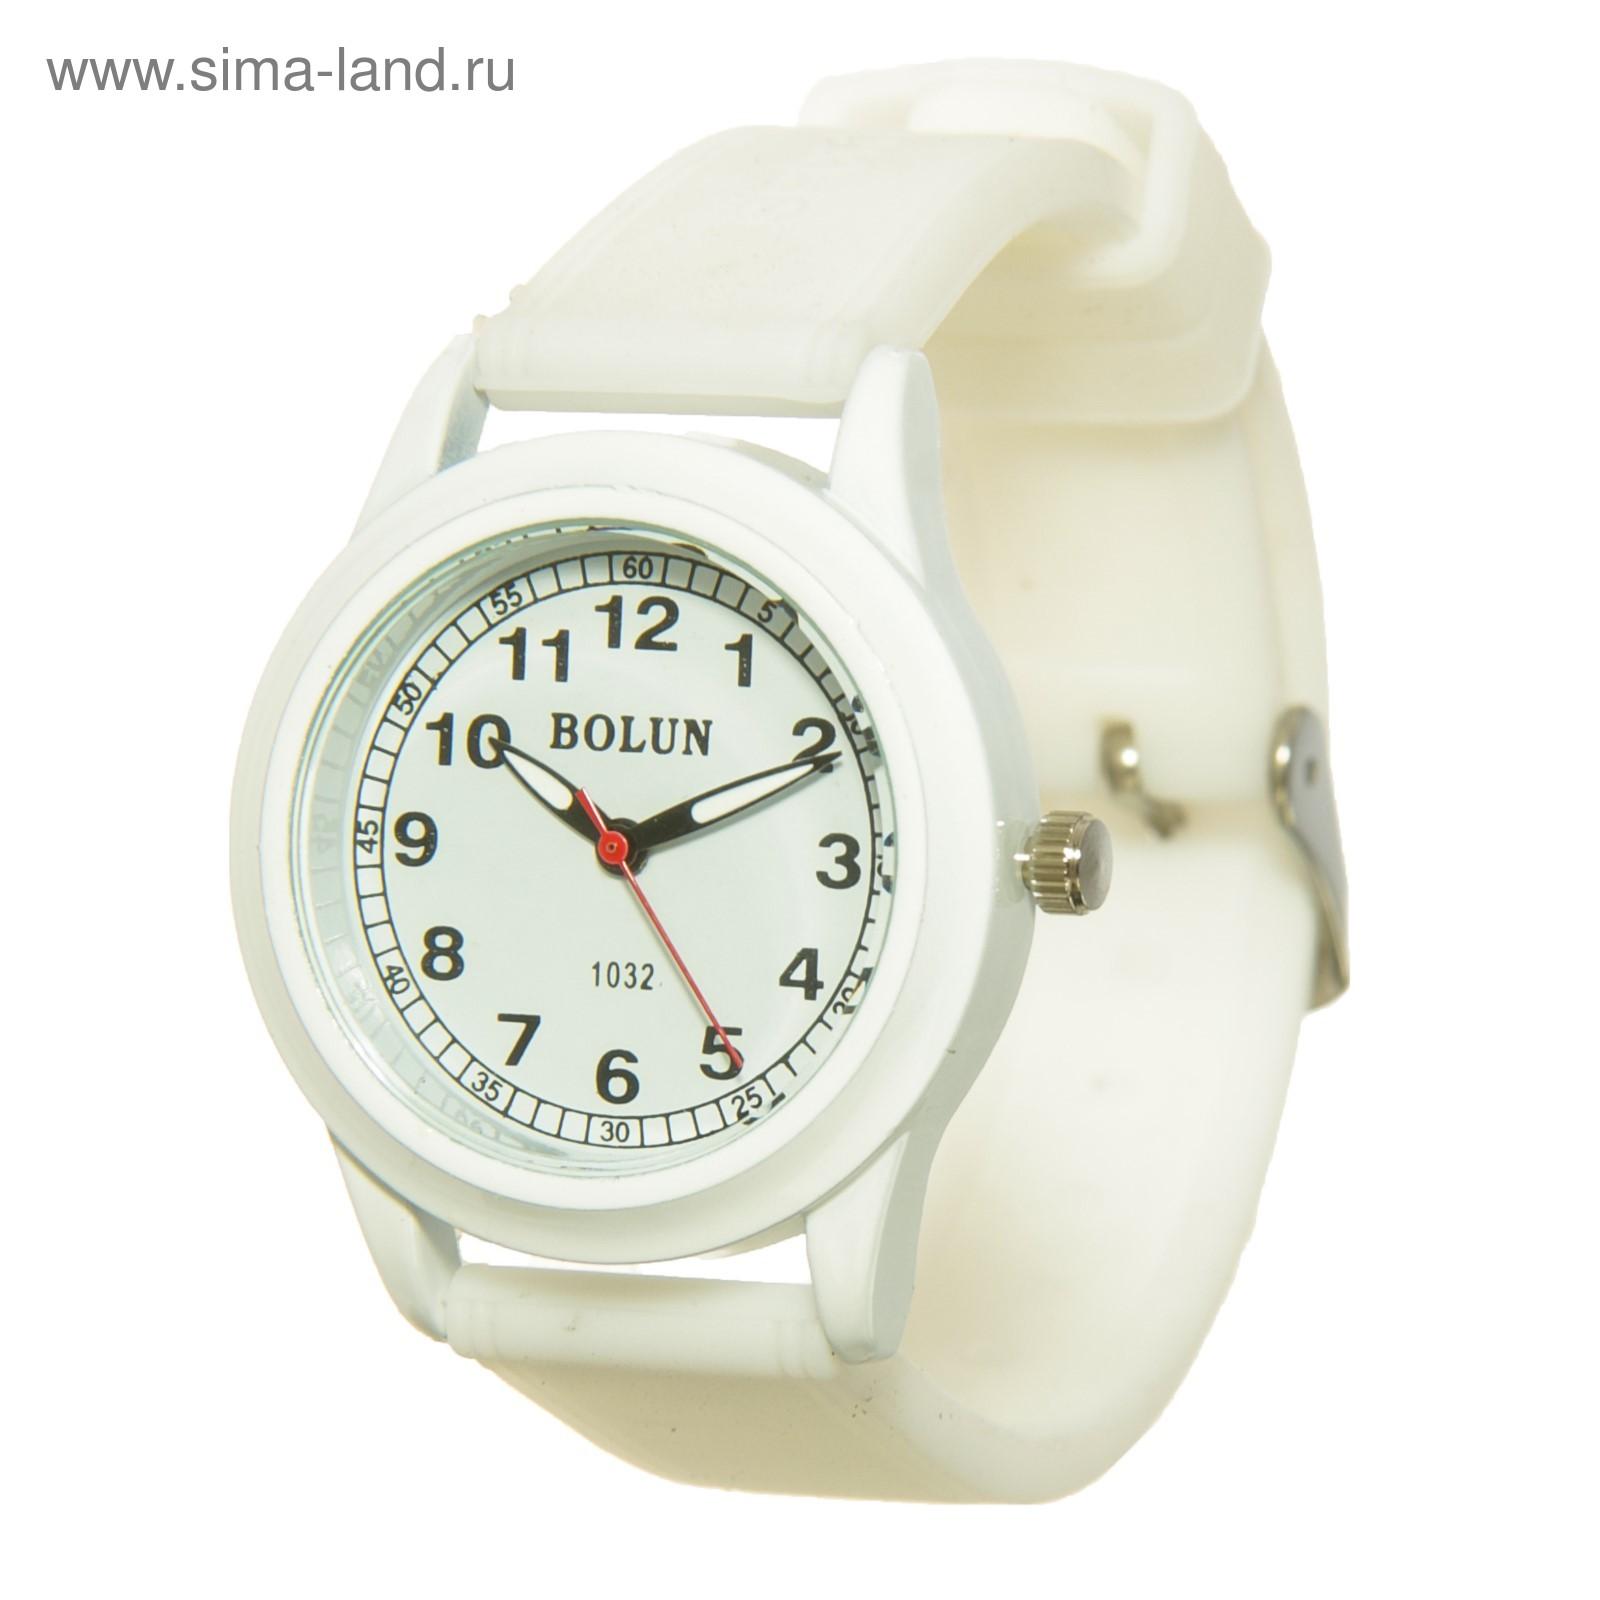 Купить часы силиконовые женские купит часы pilot